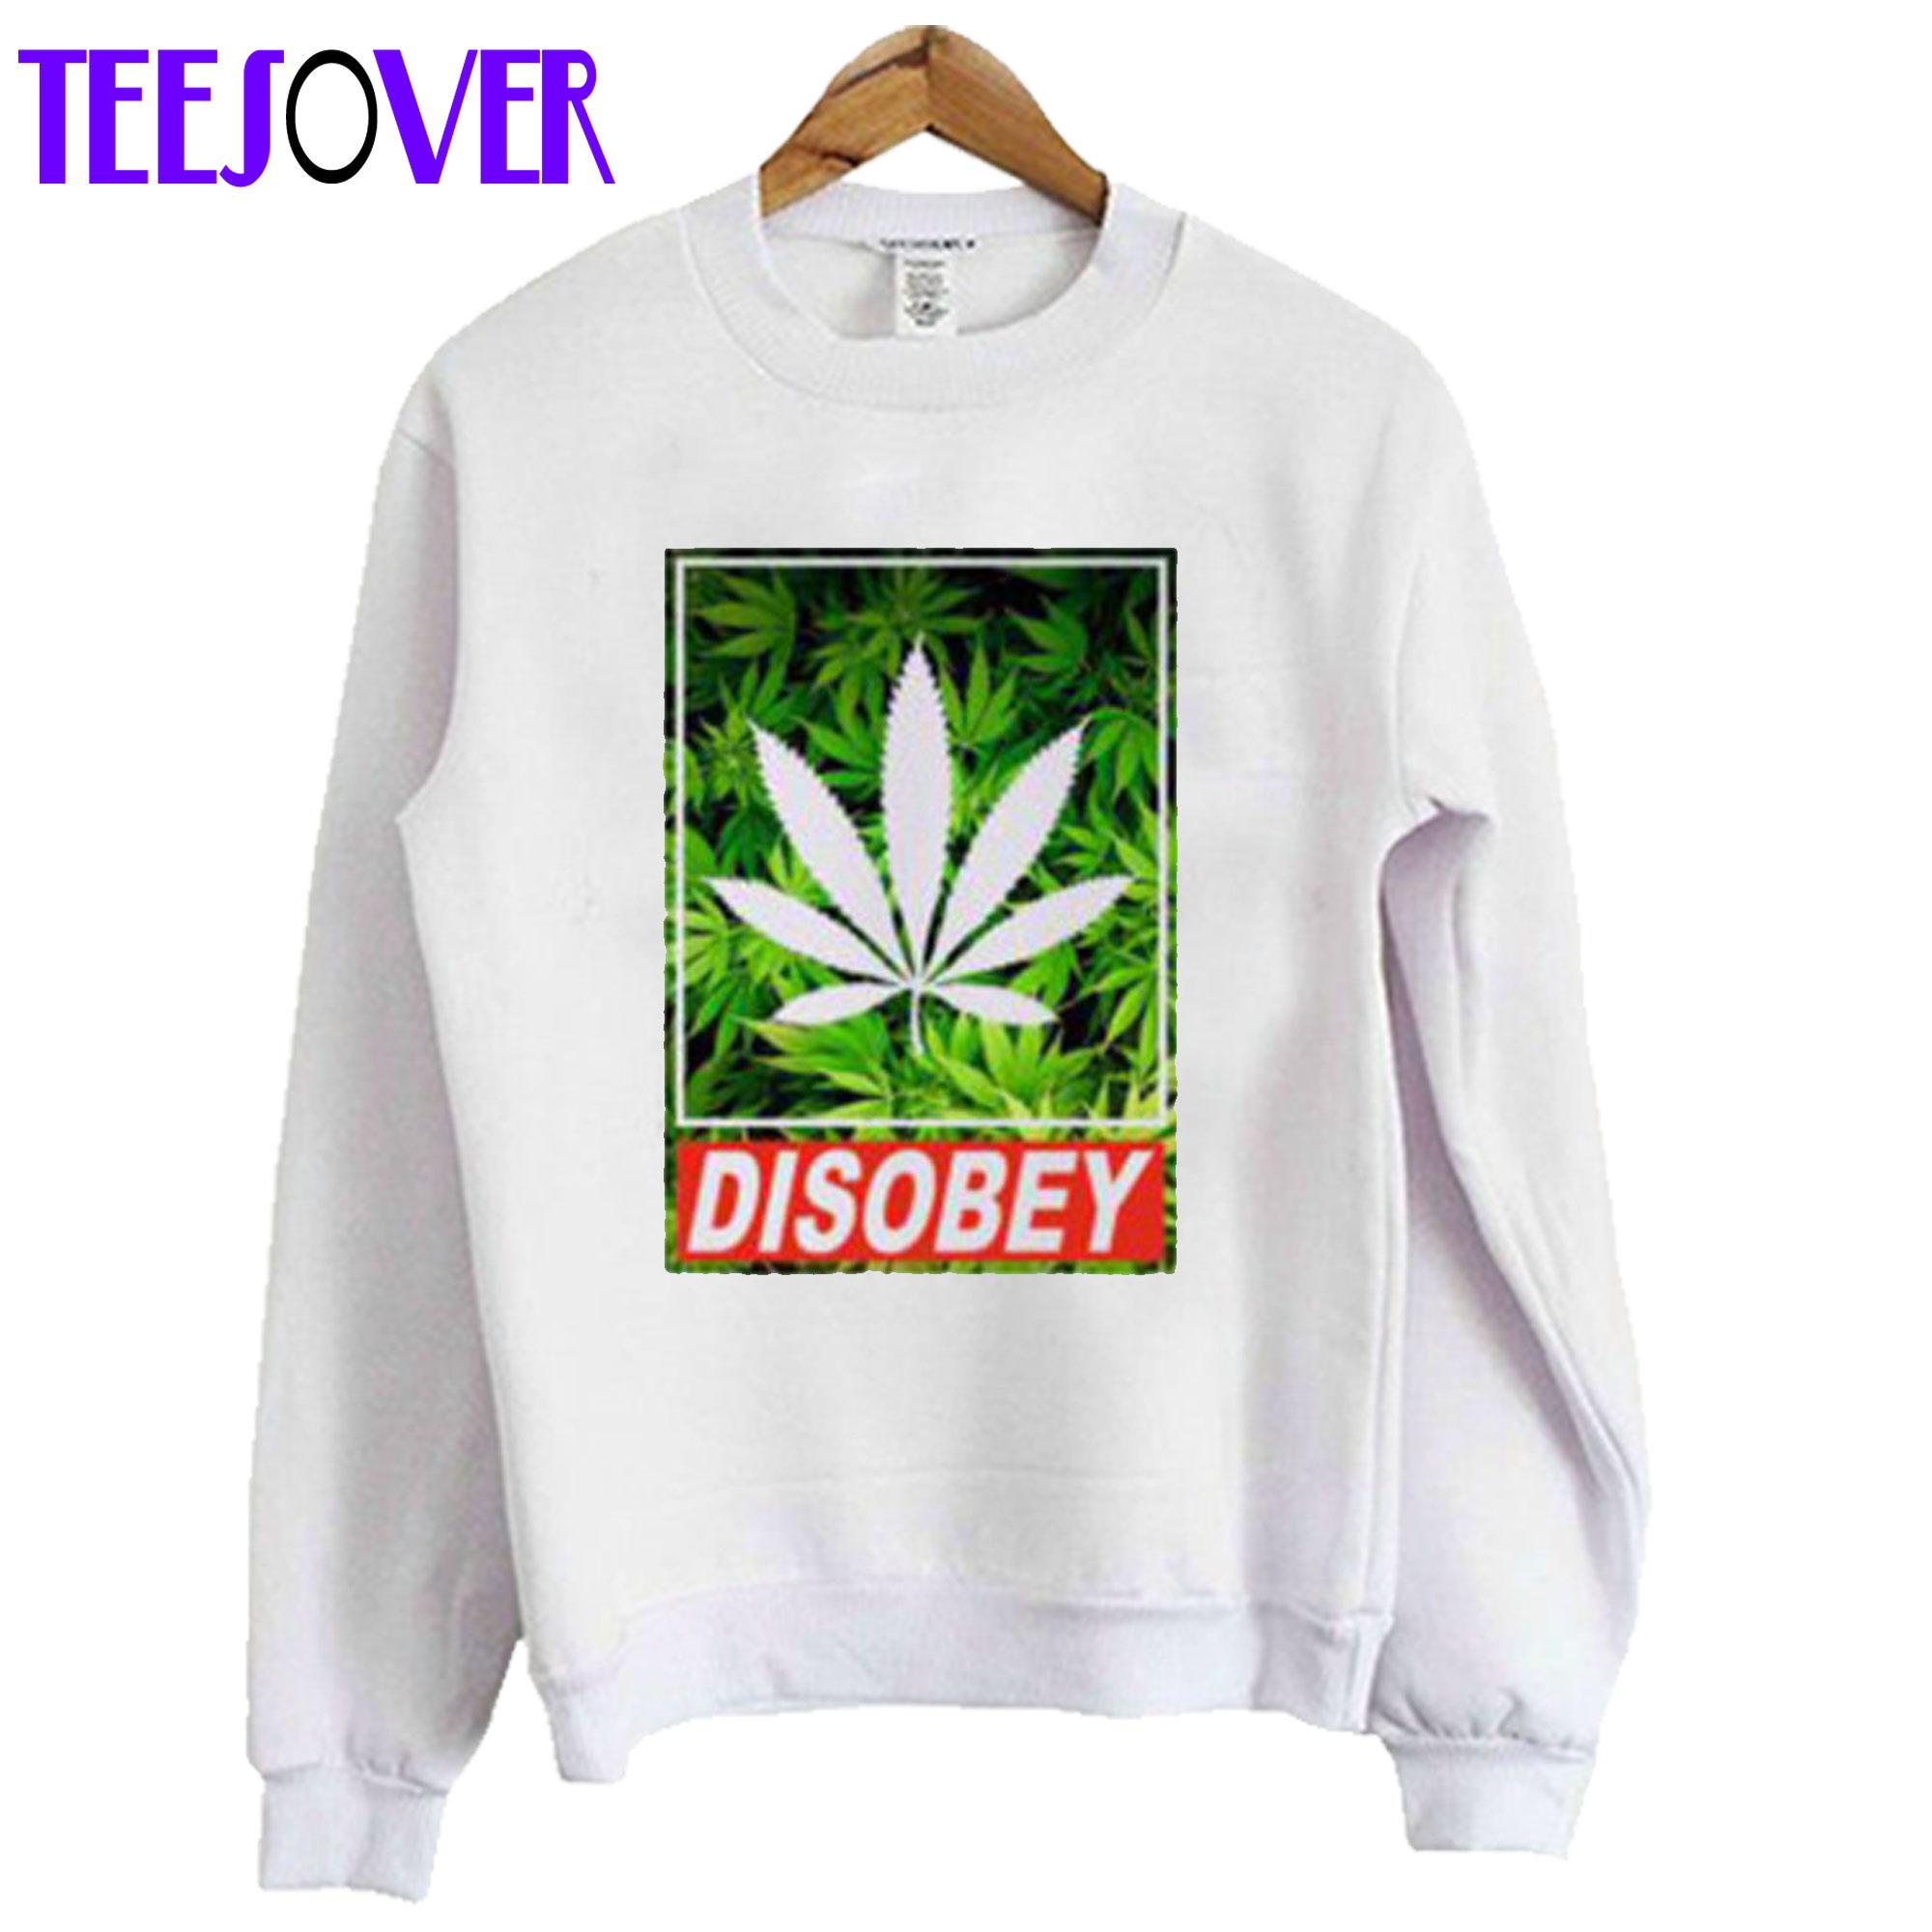 Disobey Weed Sweatshirt